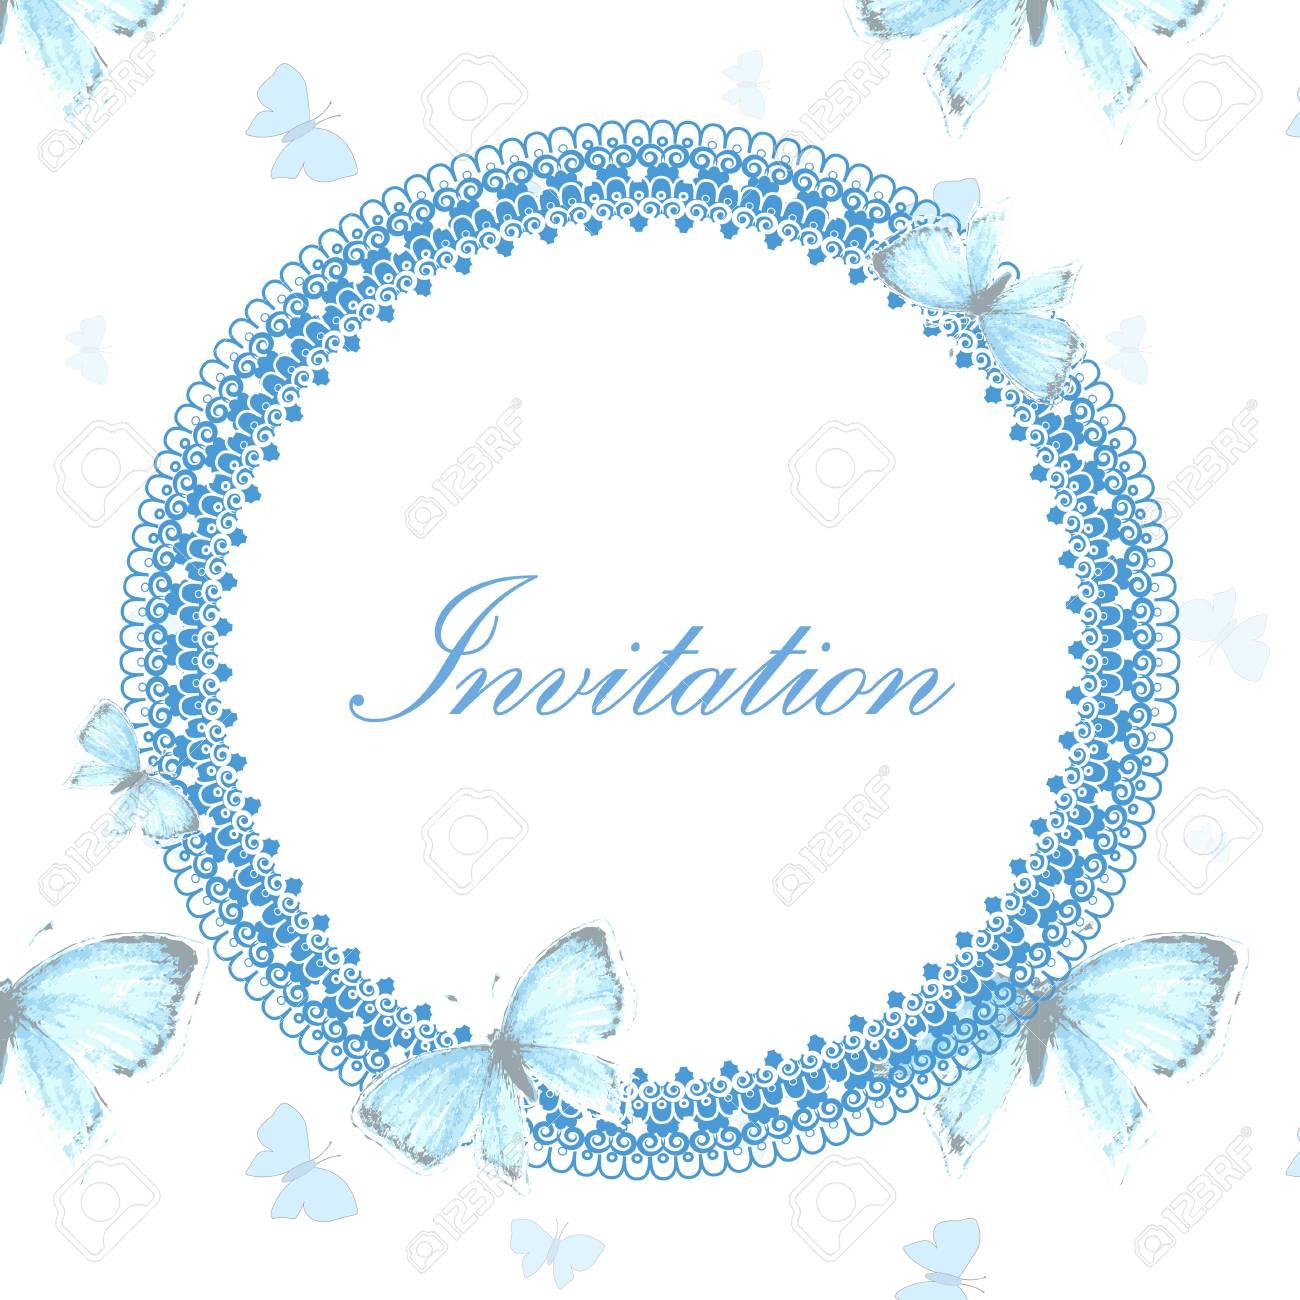 Hermosa Tarjeta De Invitación De La Vendimia Con El Azul De Cobre Mariposa En El Fondo Blanco Con La Mariposa Ilustración Vectorial De La Vendimia